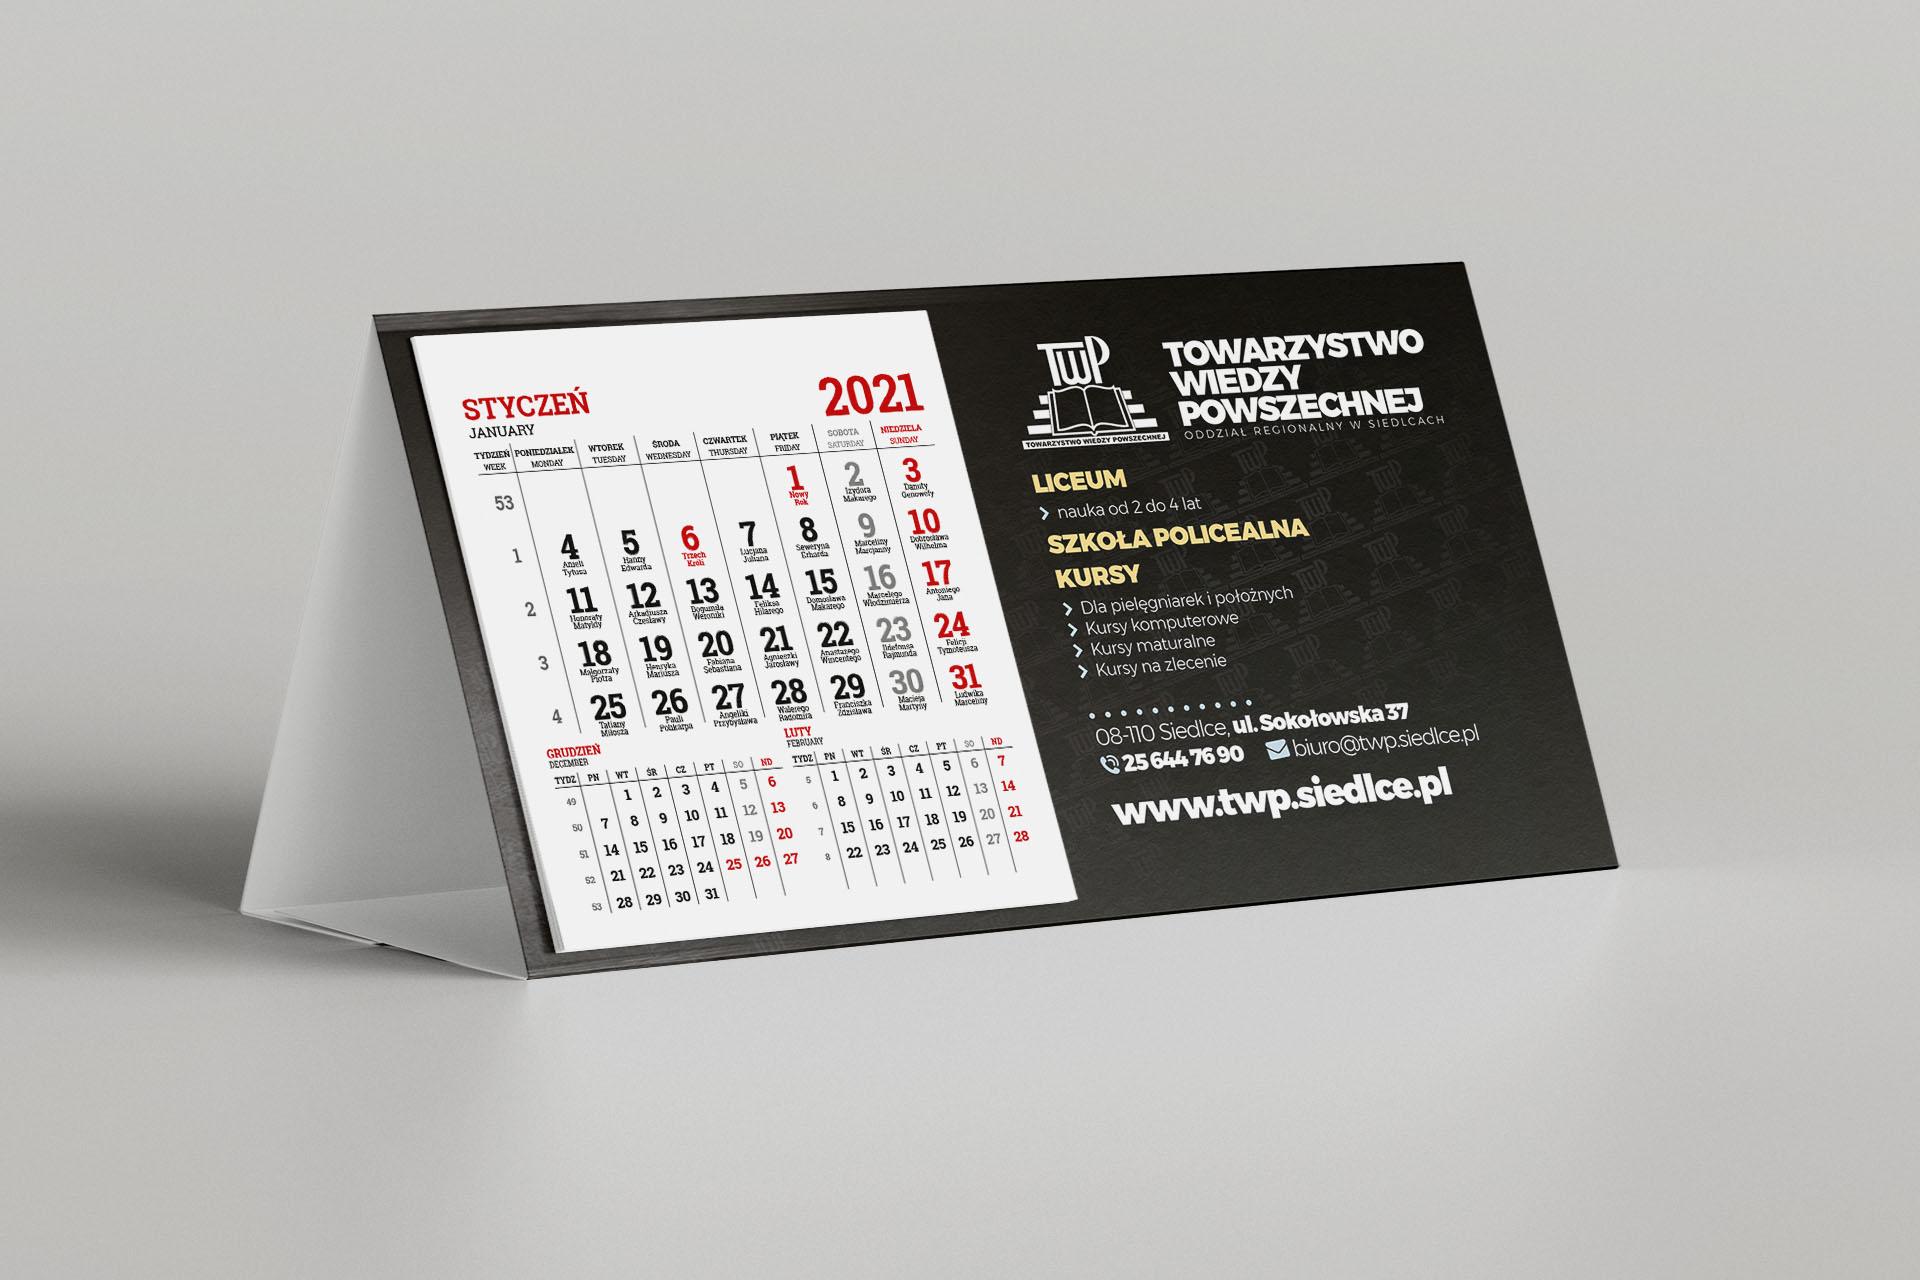 Towarzystwo Wiedzy Powszechnej – Kalendarz biurkowy 2021